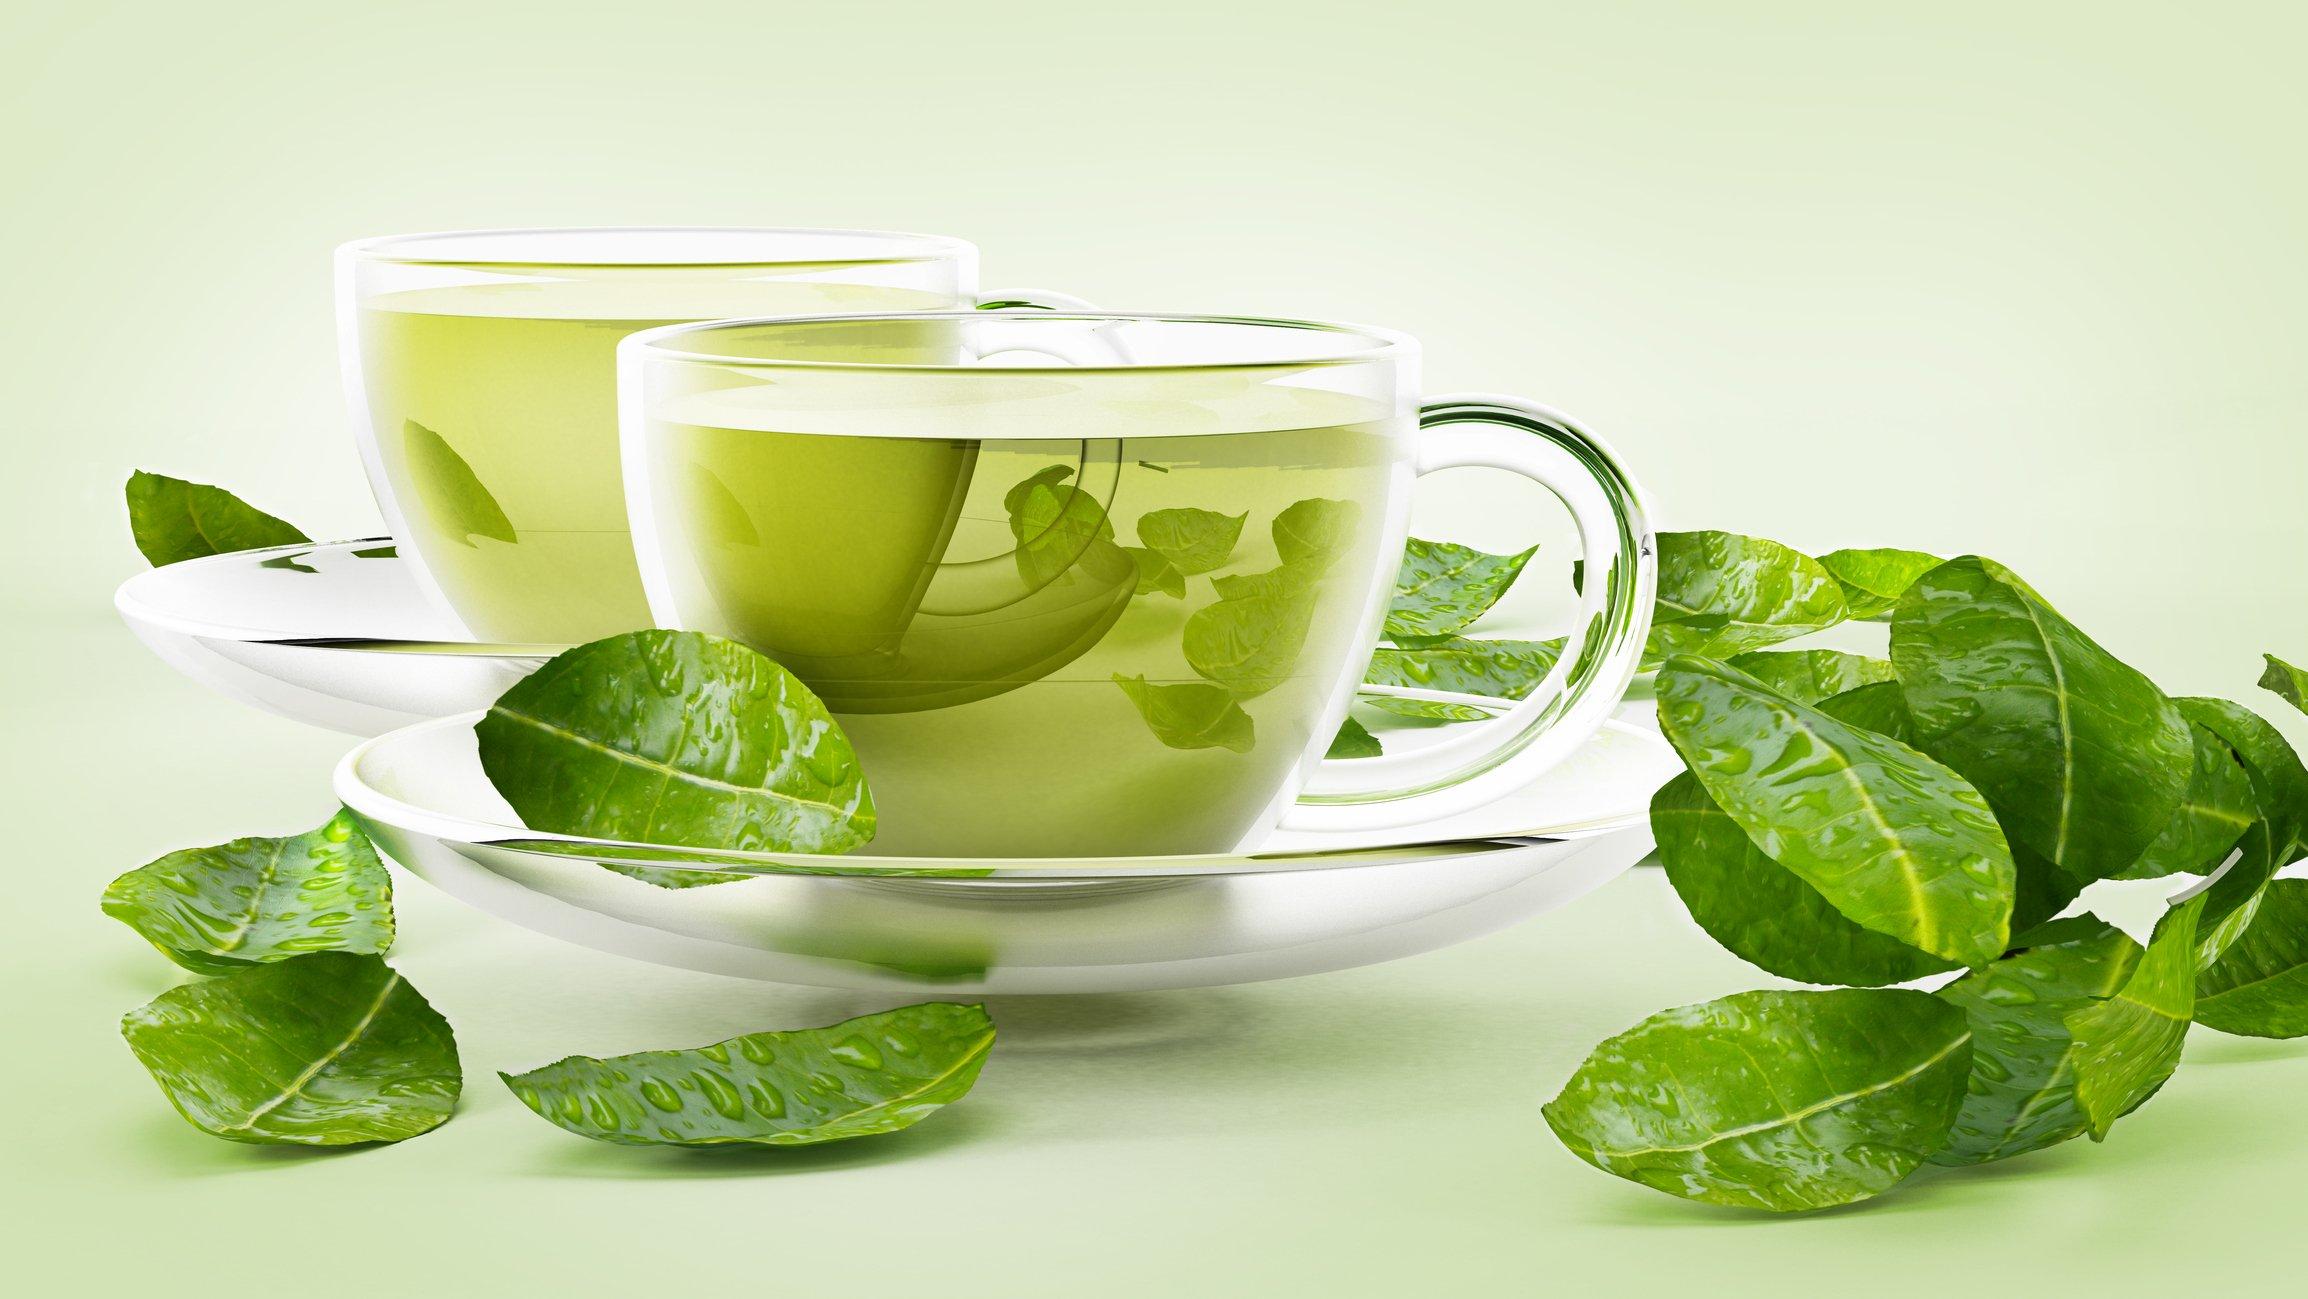 تاثیر چای سبز در ذخیره گلوکز